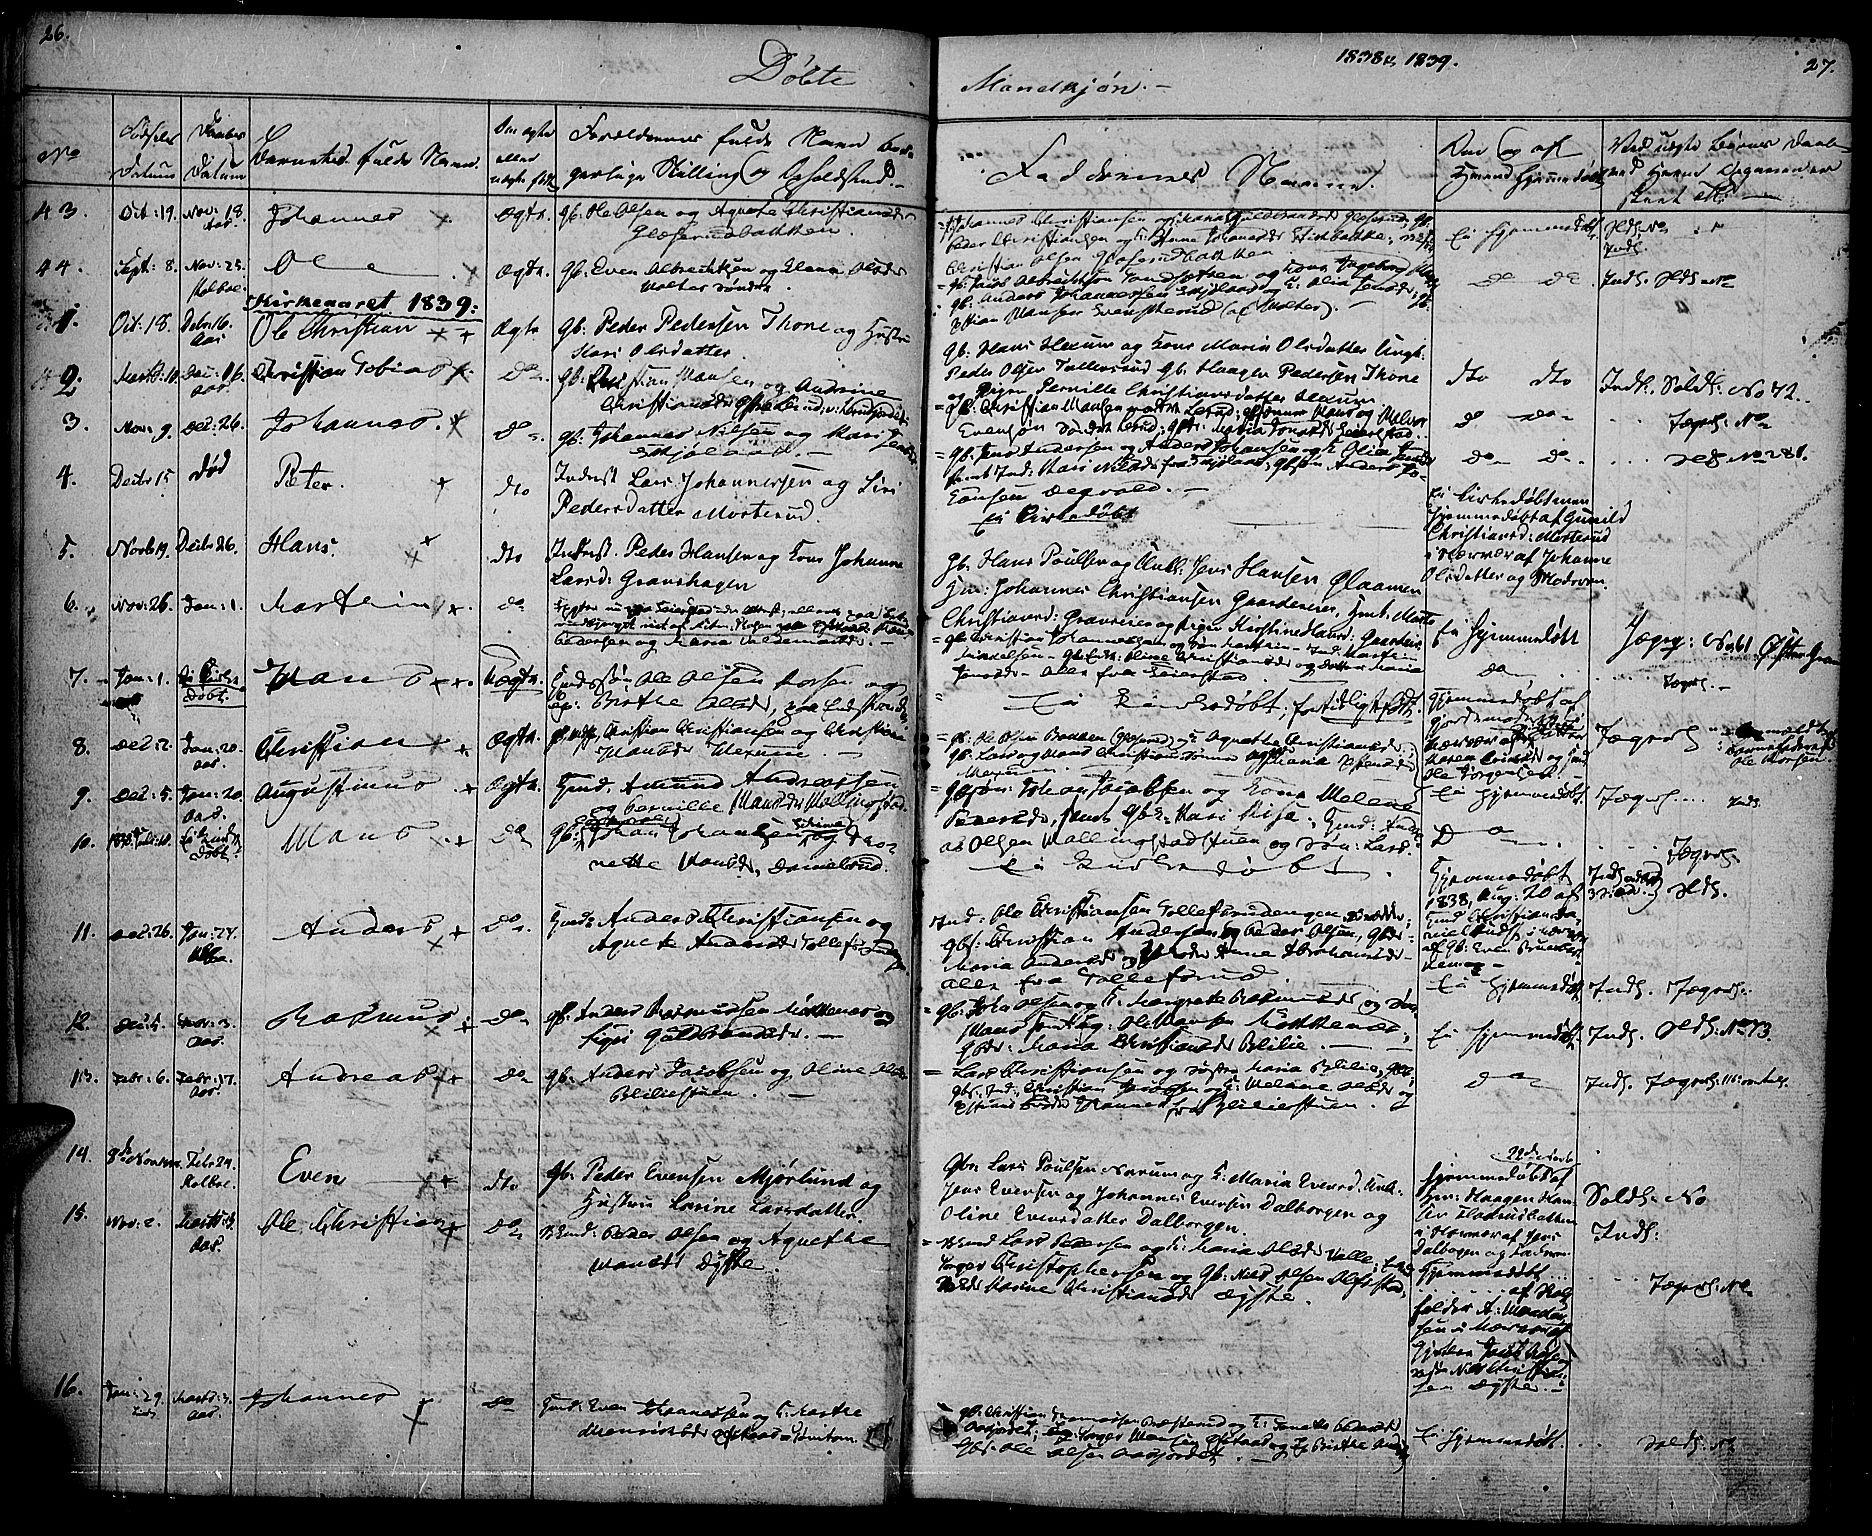 SAH, Vestre Toten prestekontor, Ministerialbok nr. 3, 1836-1843, s. 26-27